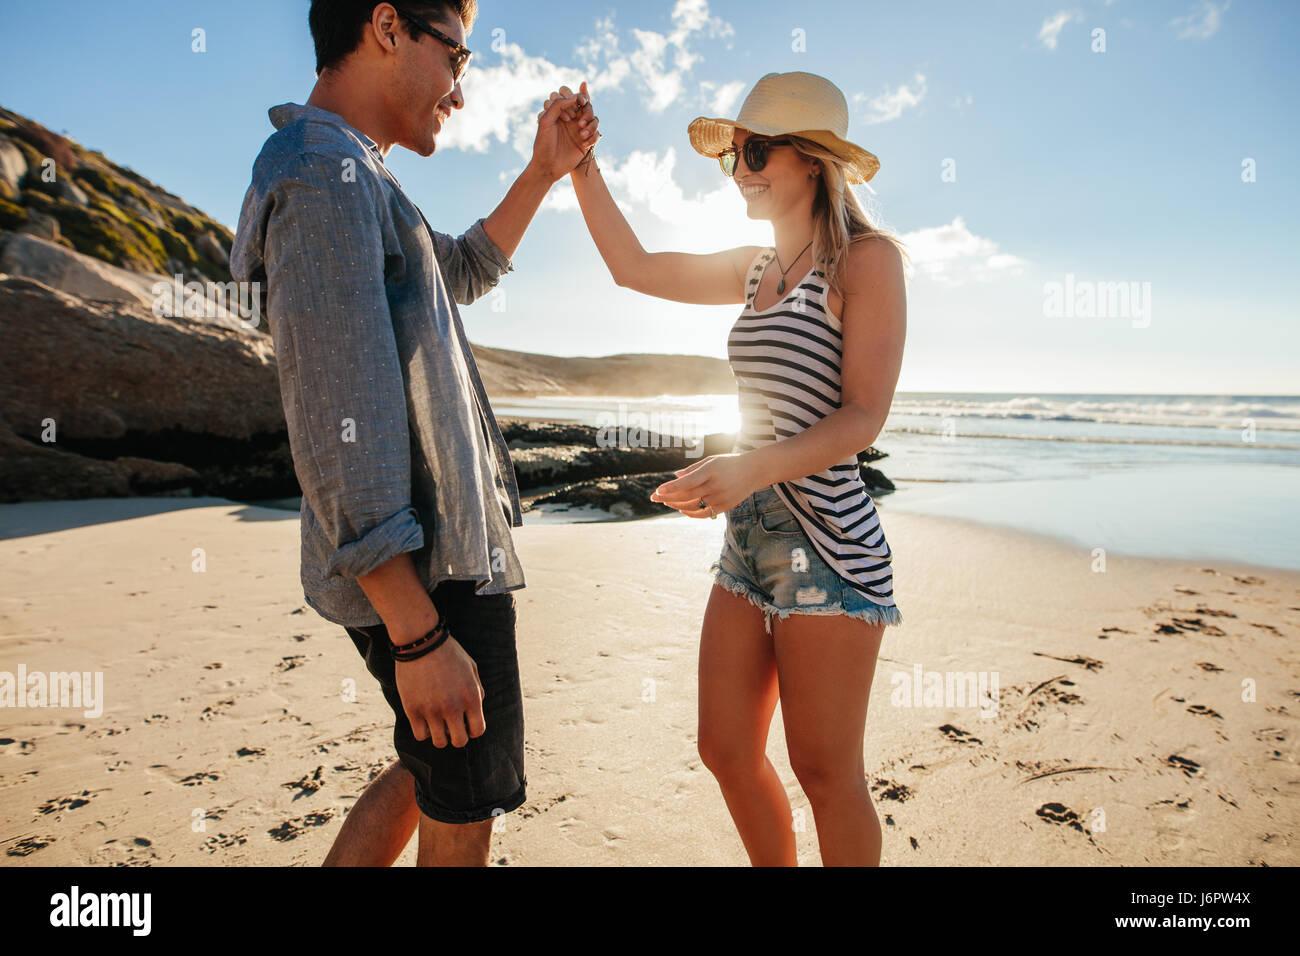 Foto de joven y mujer bailando en la playa en un día de verano. Romántica pareja joven bailando en la Imagen De Stock